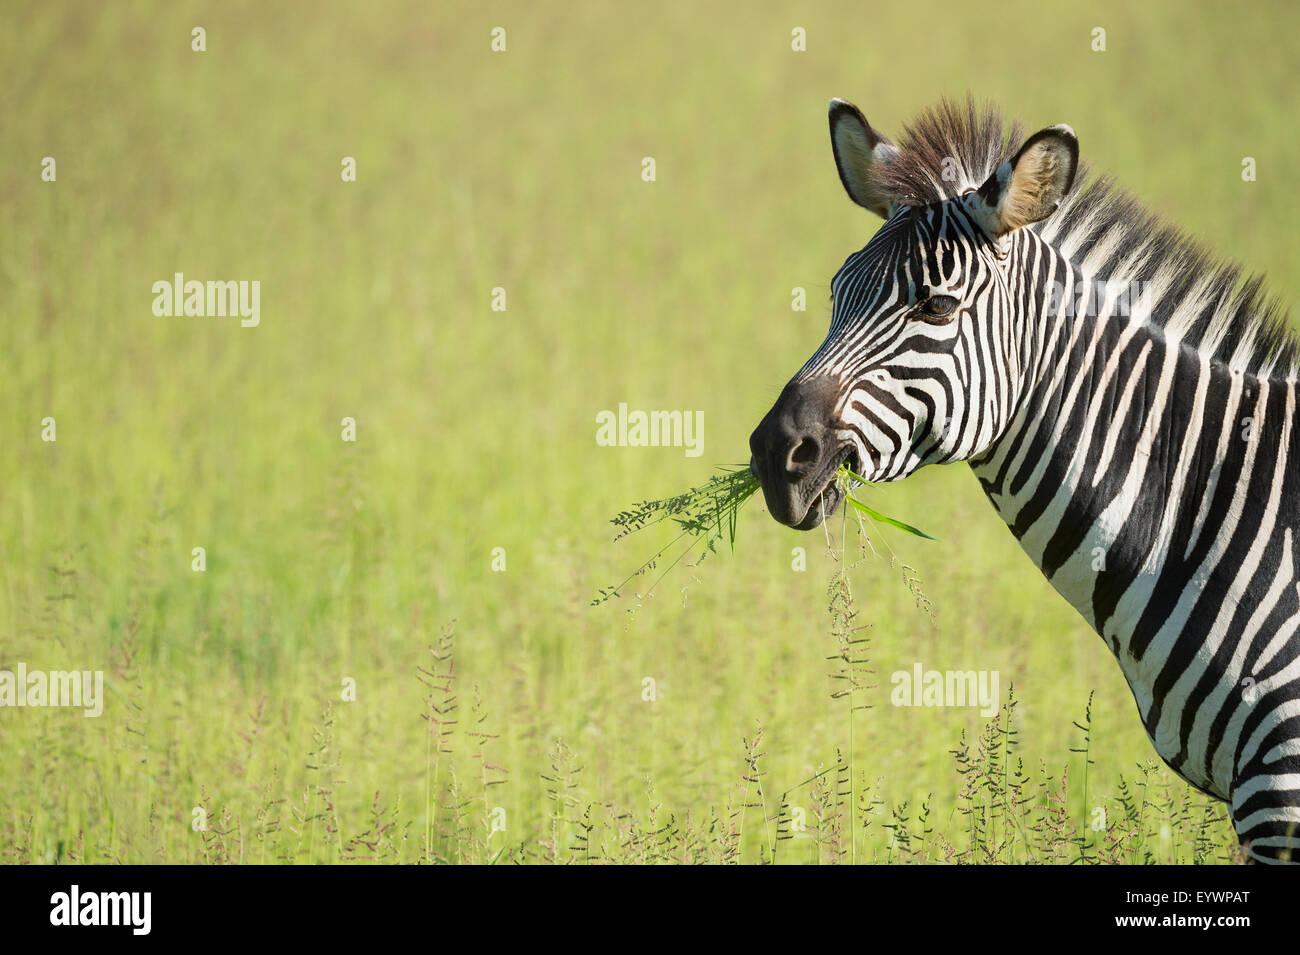 Crawshays zebra (Equus quagga crawshayi), le parc national de South Luangwa, en Zambie, l'Afrique Banque D'Images